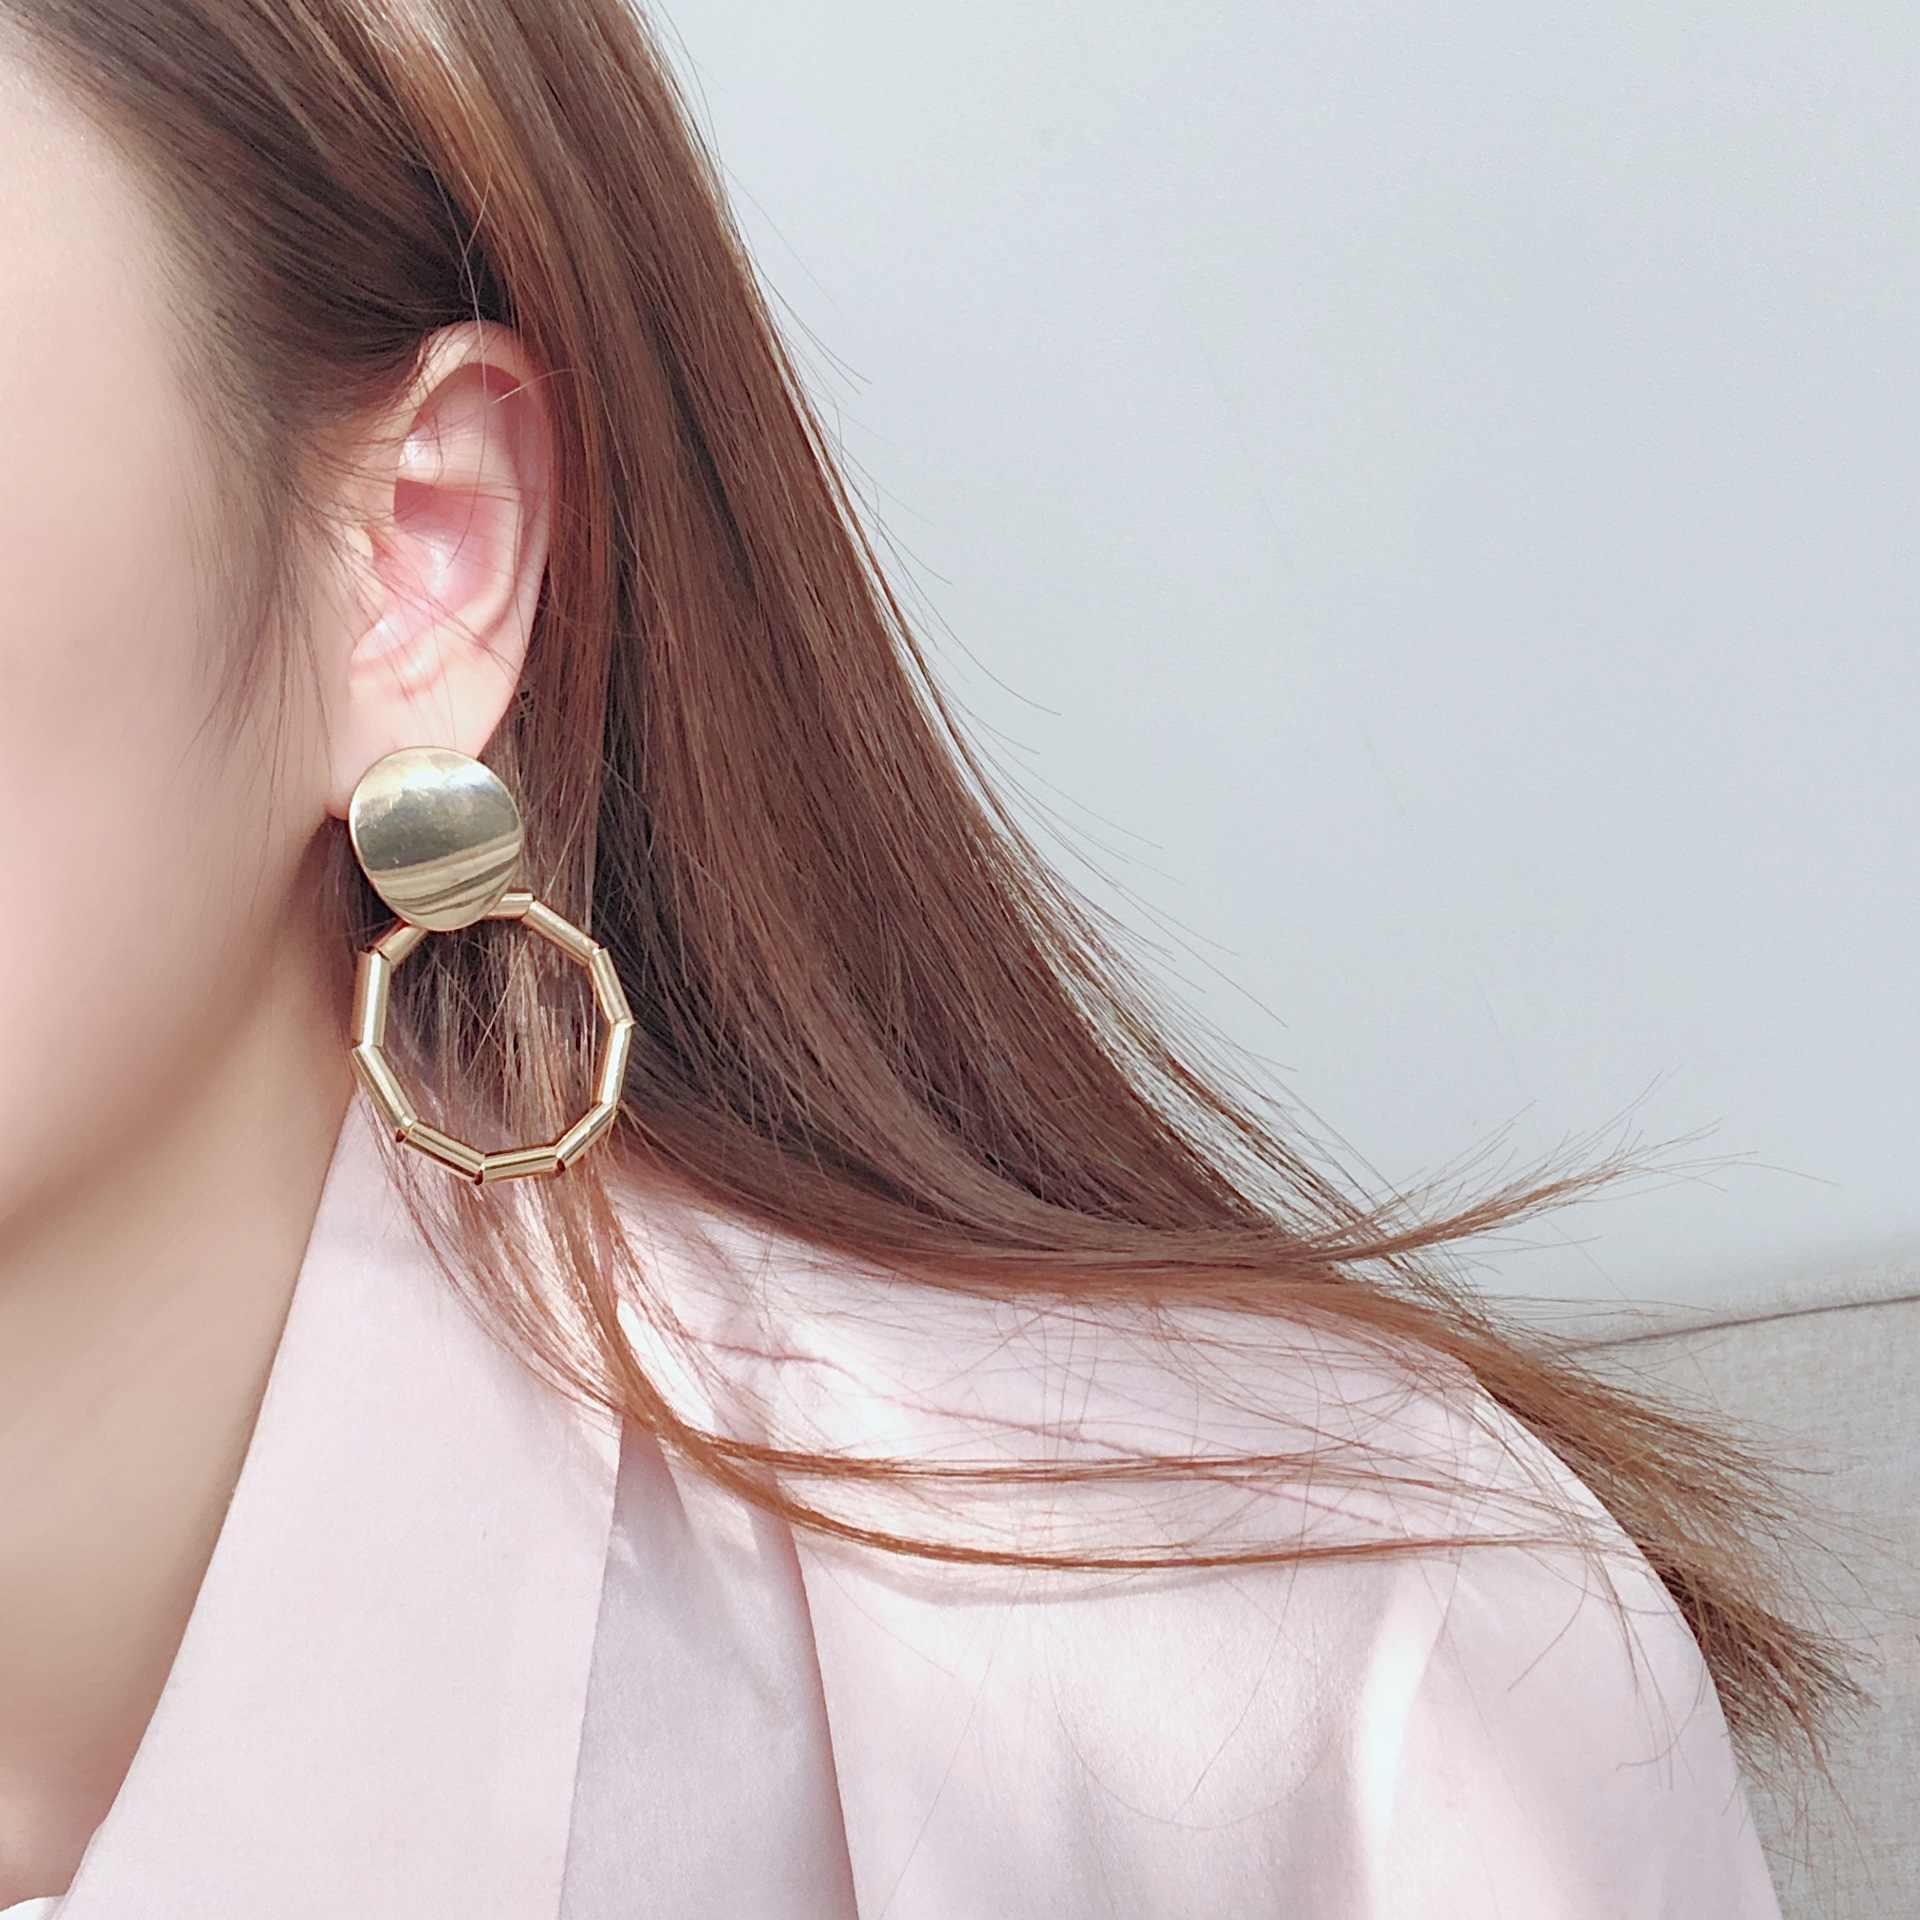 ビッグゴールド文のイヤリング金属トレンディ高級ファッション女性 Jewlery トップデザインヴィンテージイヤリングイヤリング